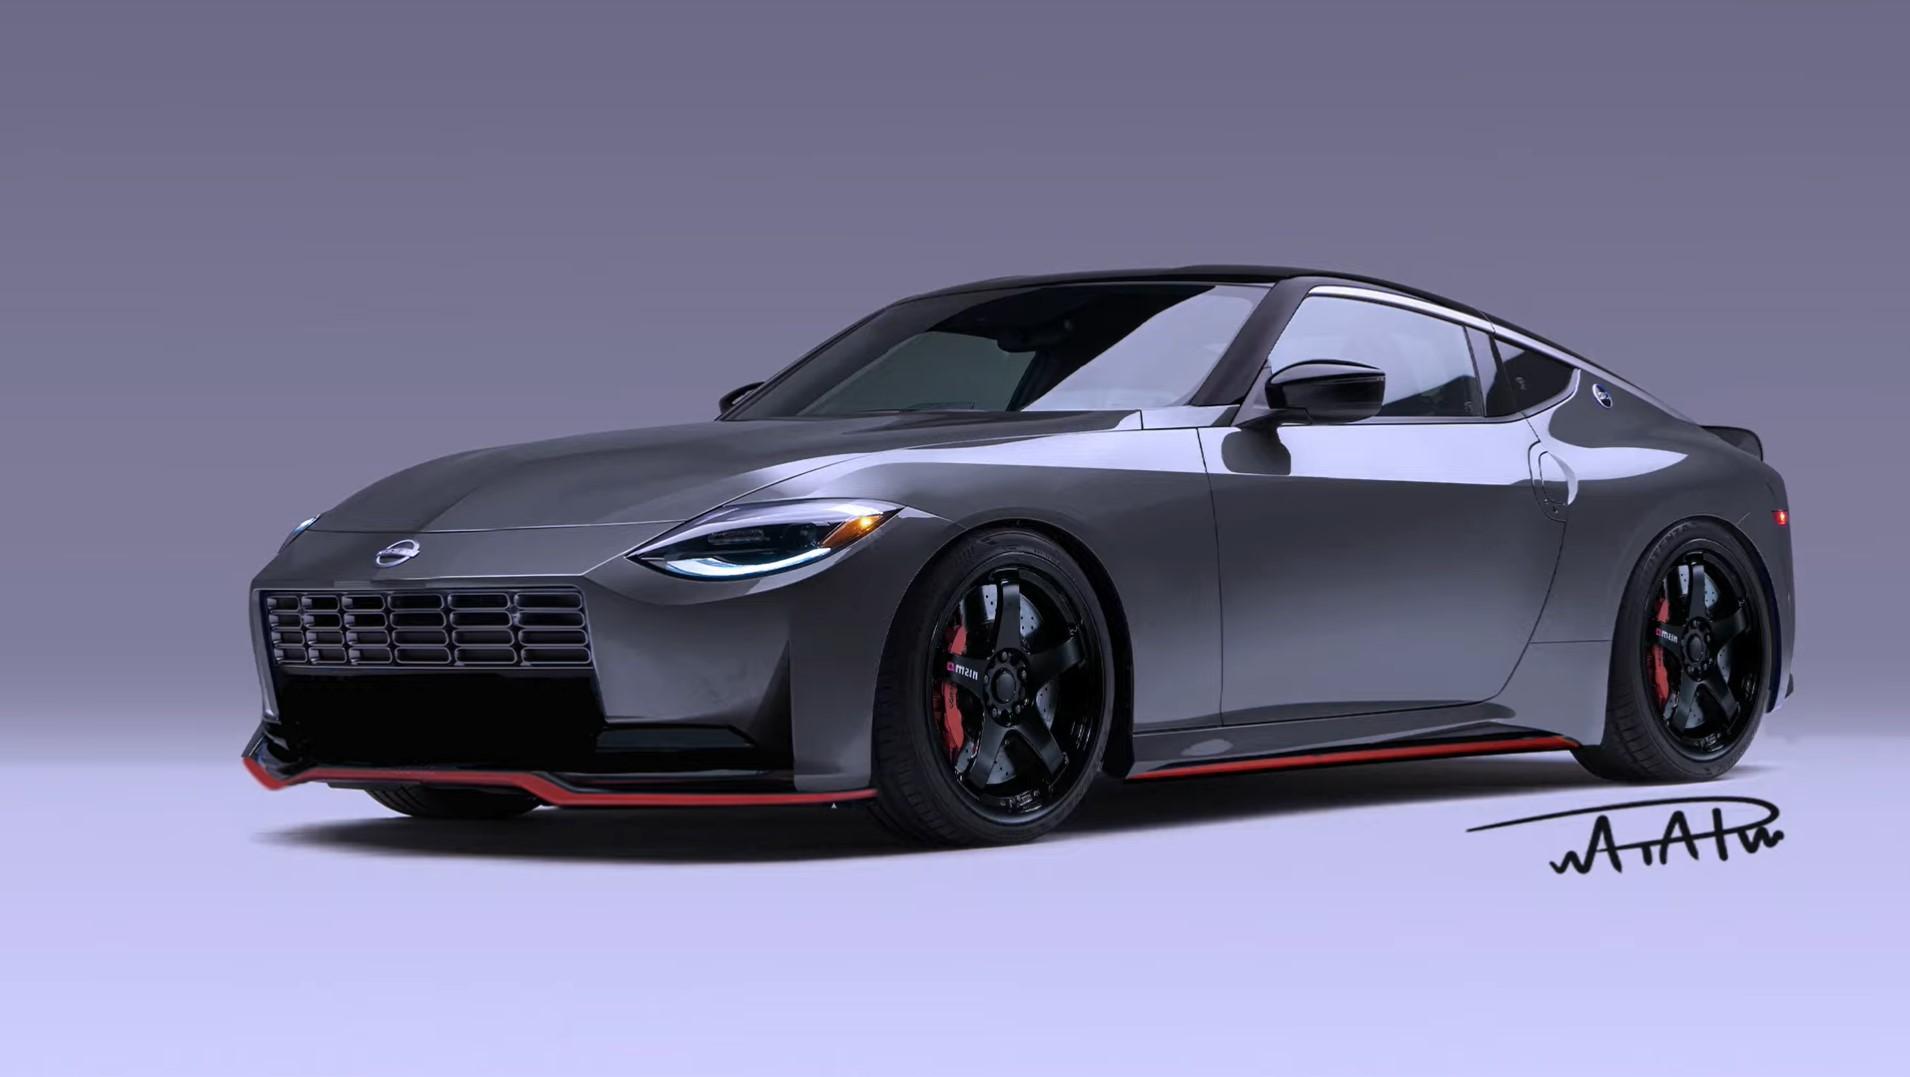 قام مصمم مستقل بوضع لمسات نيسمو على سيارة نيسان Z الجديدة كلياً ليعطي لمحة عما قد تبدو عليه الفئة عالية الأداء.